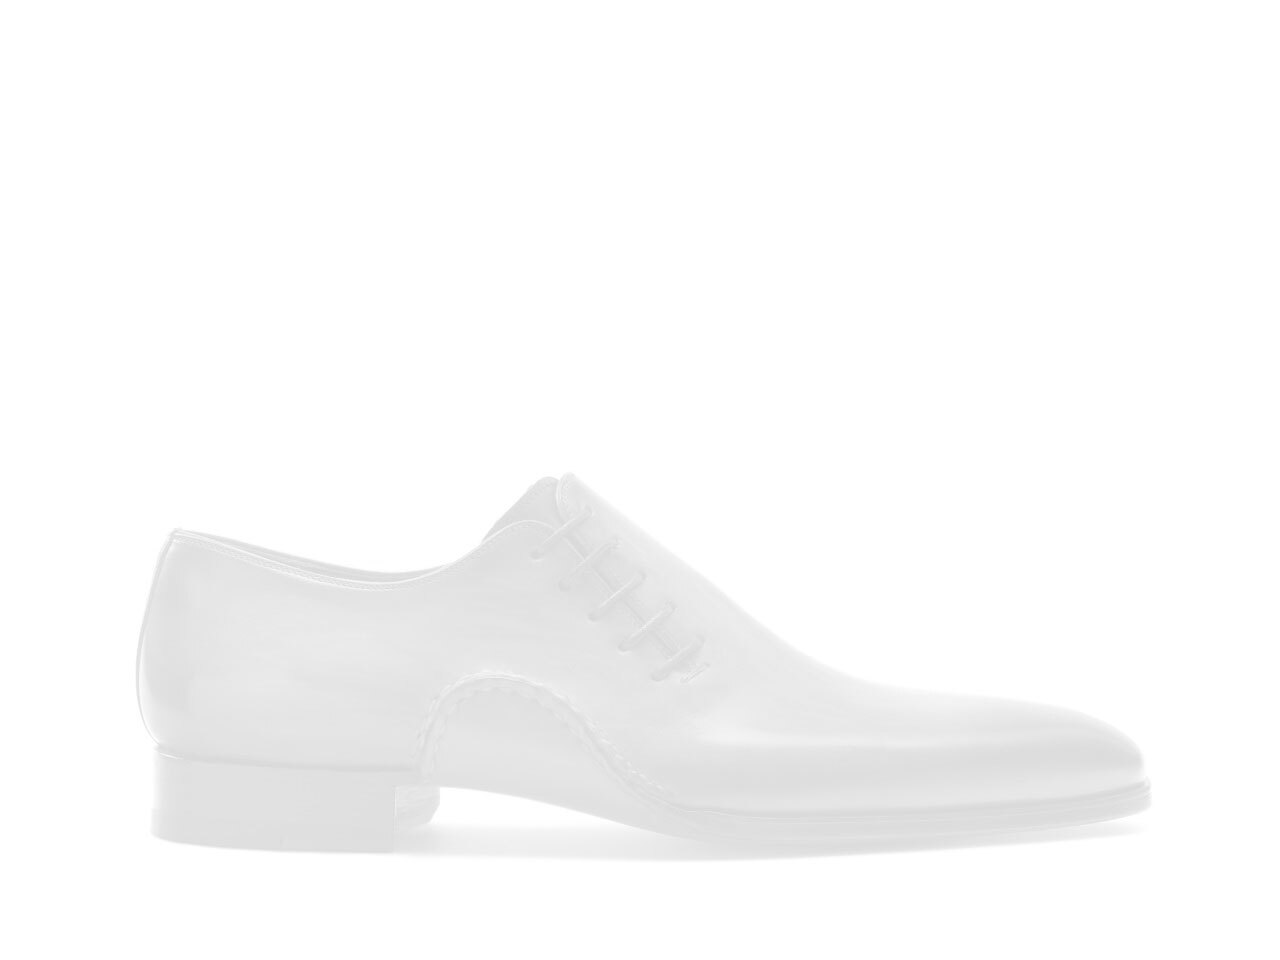 Sole of the Magnanni Avilés Navy Men's Double Monk Strap Shoes